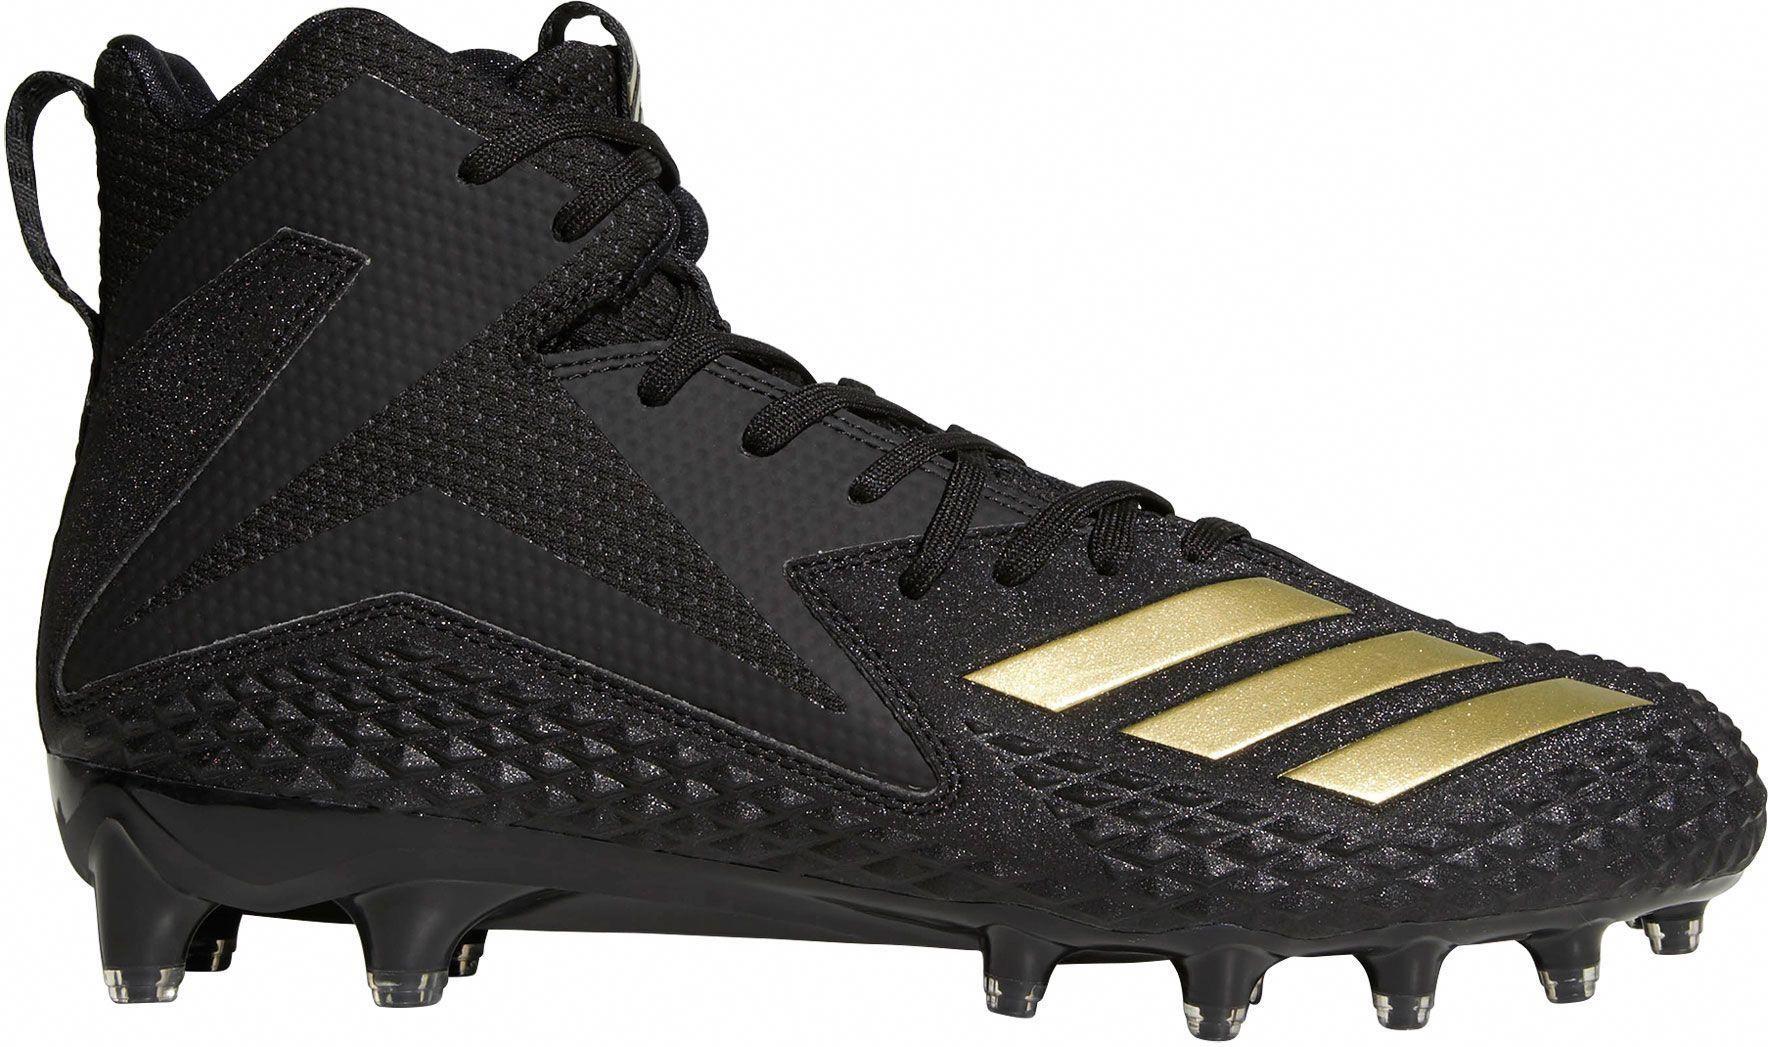 bcc4d7a506c03 adidas Men's Freak X Carbon Mid Football Cleats, Size: 16, Blue ...